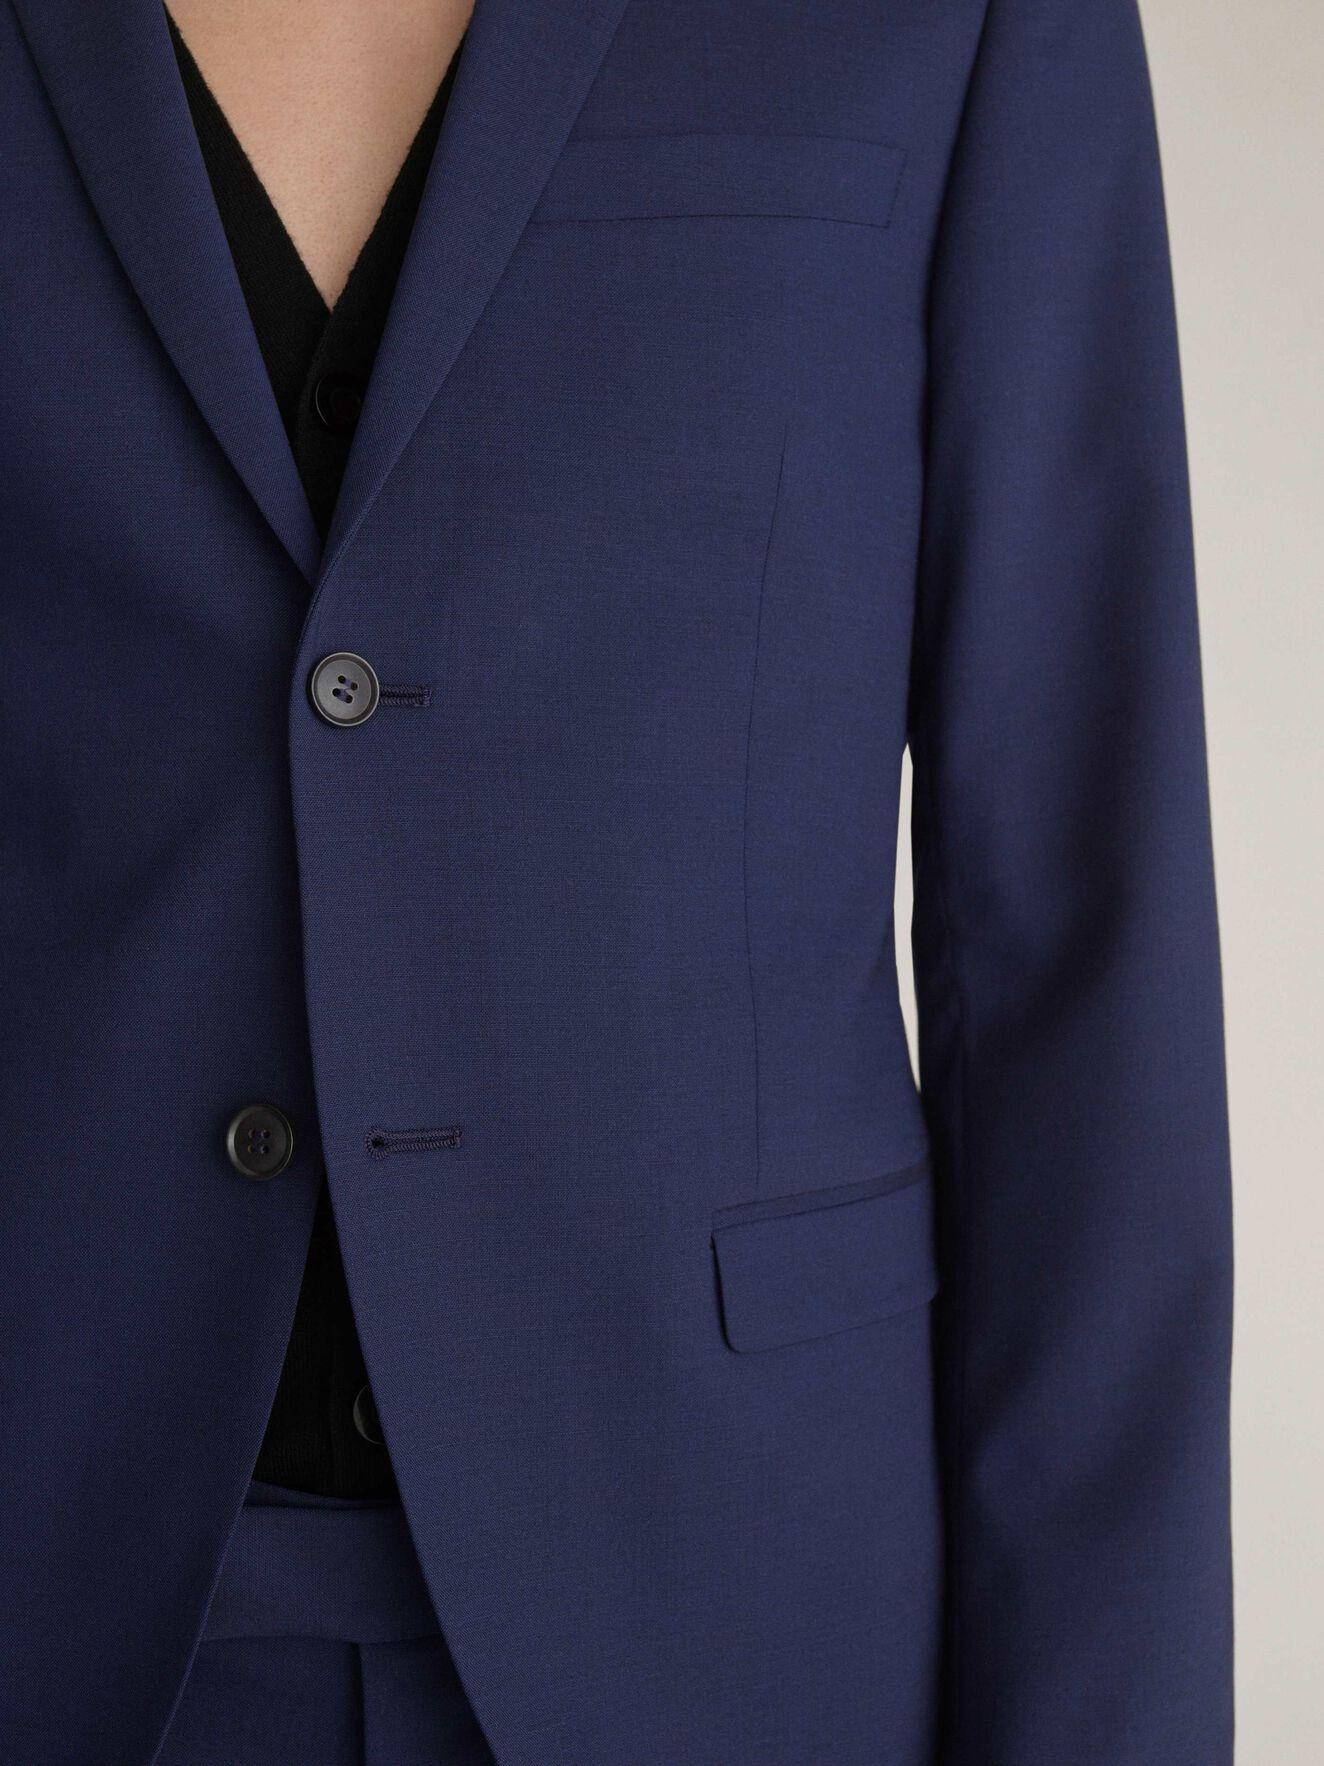 Jile Blazer in Royal Blue from Tiger of Sweden